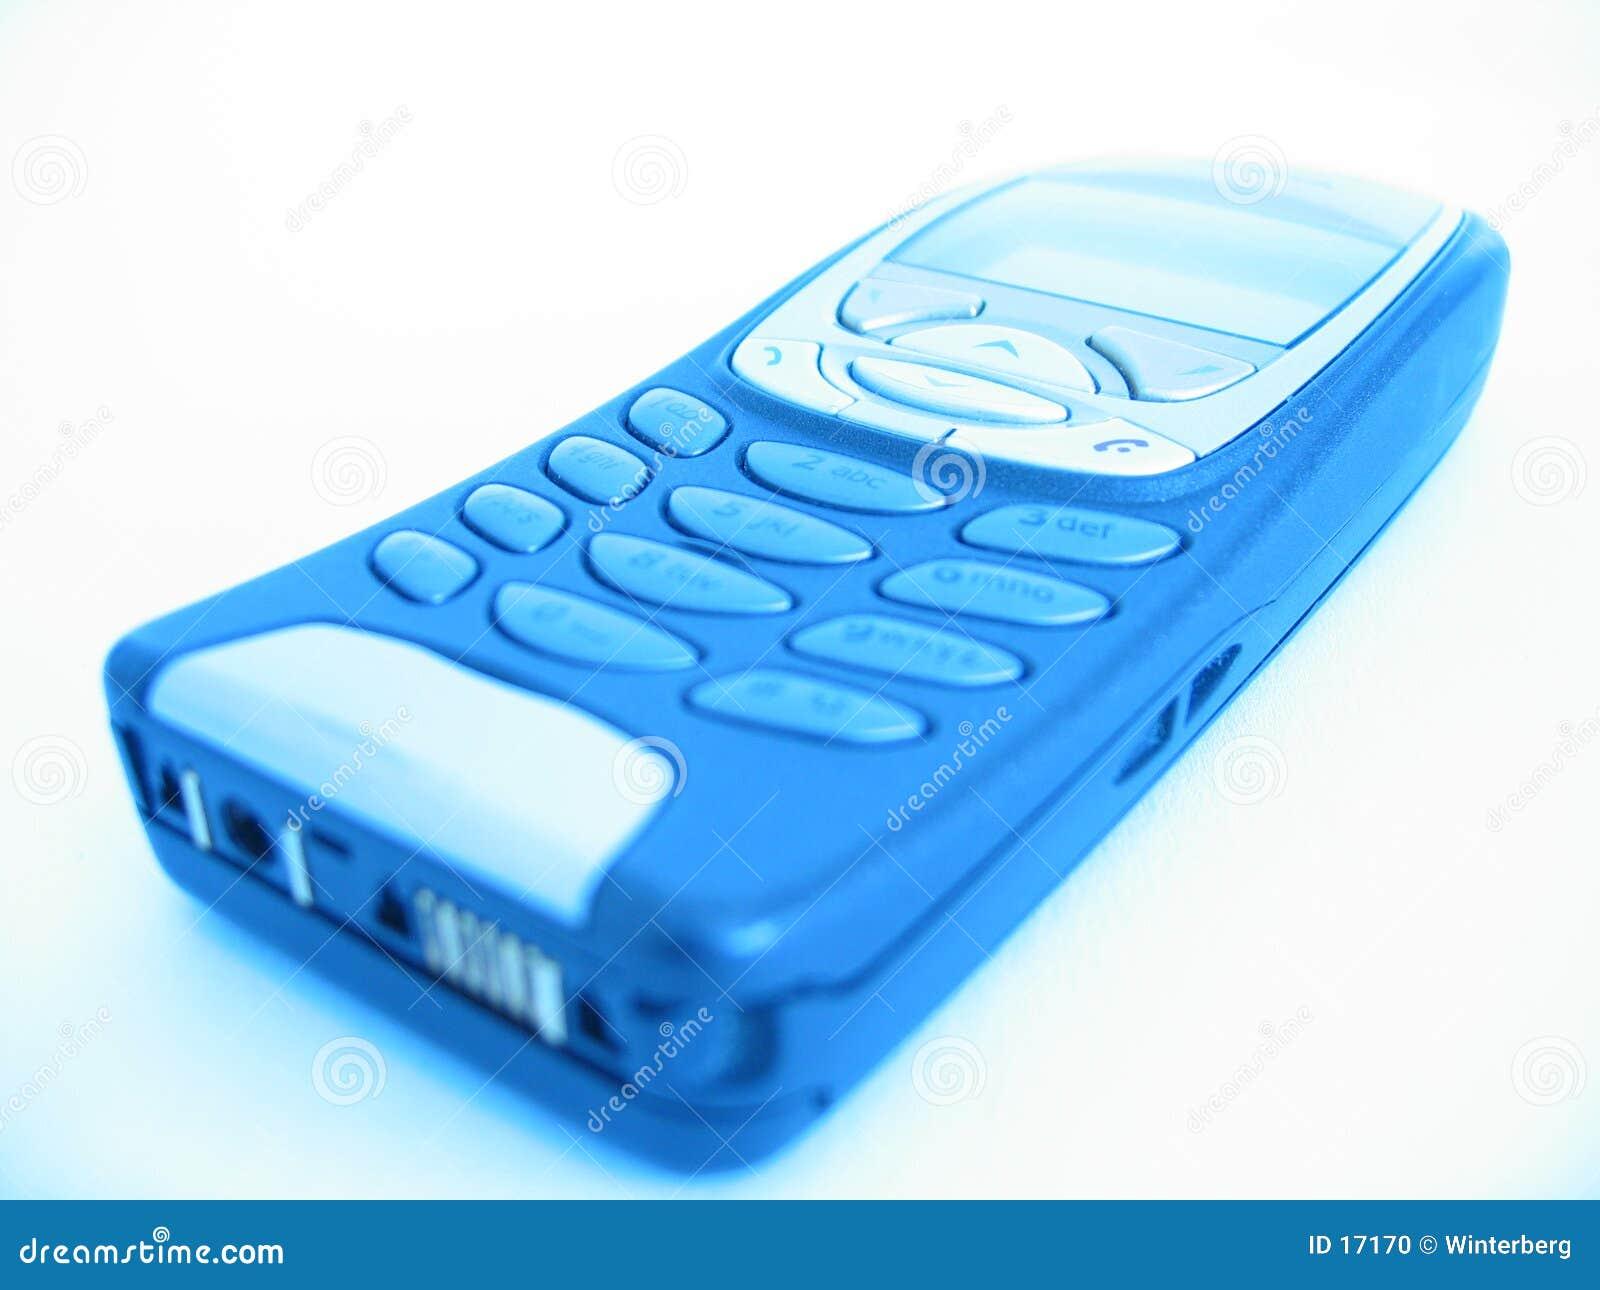 Teléfono celular en brillo azul